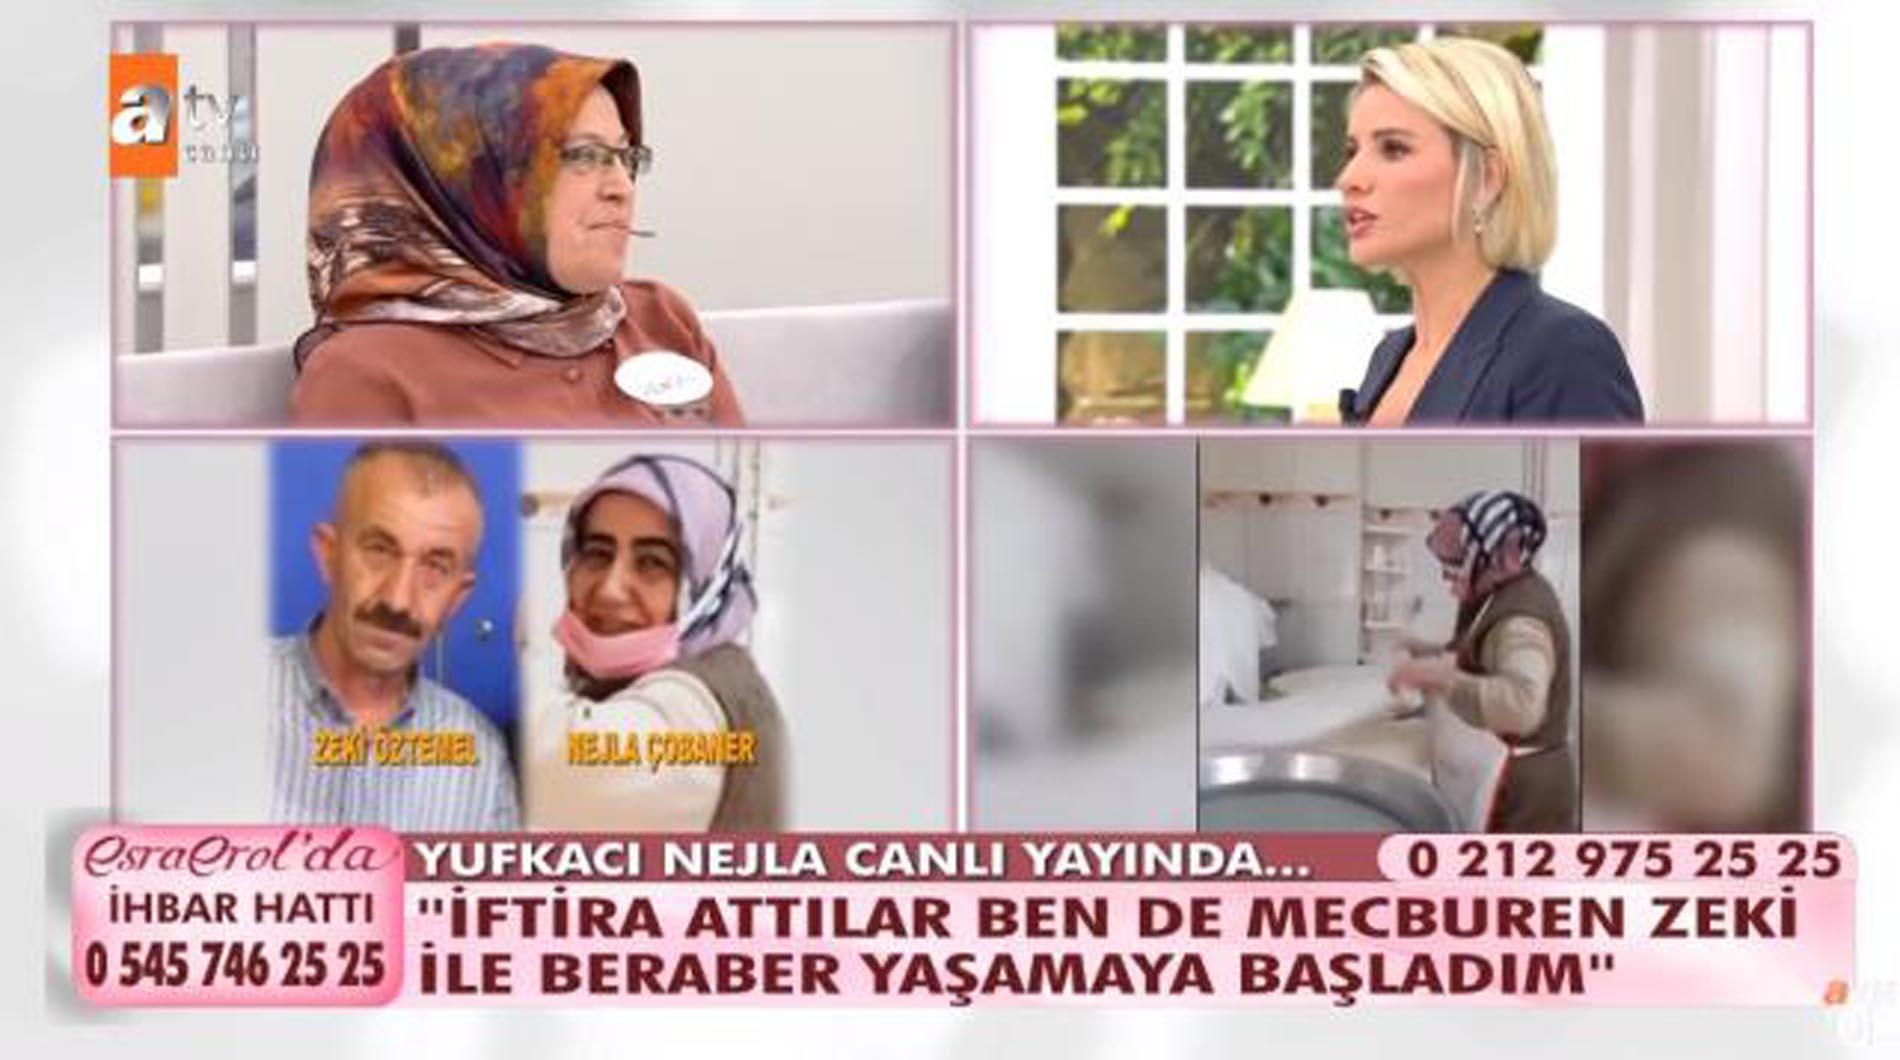 Esra Erol'da yufkacıya kaçan Muammer skandalı! 24 yıllık eşini bırakıp yufkacı kadına kaçtı